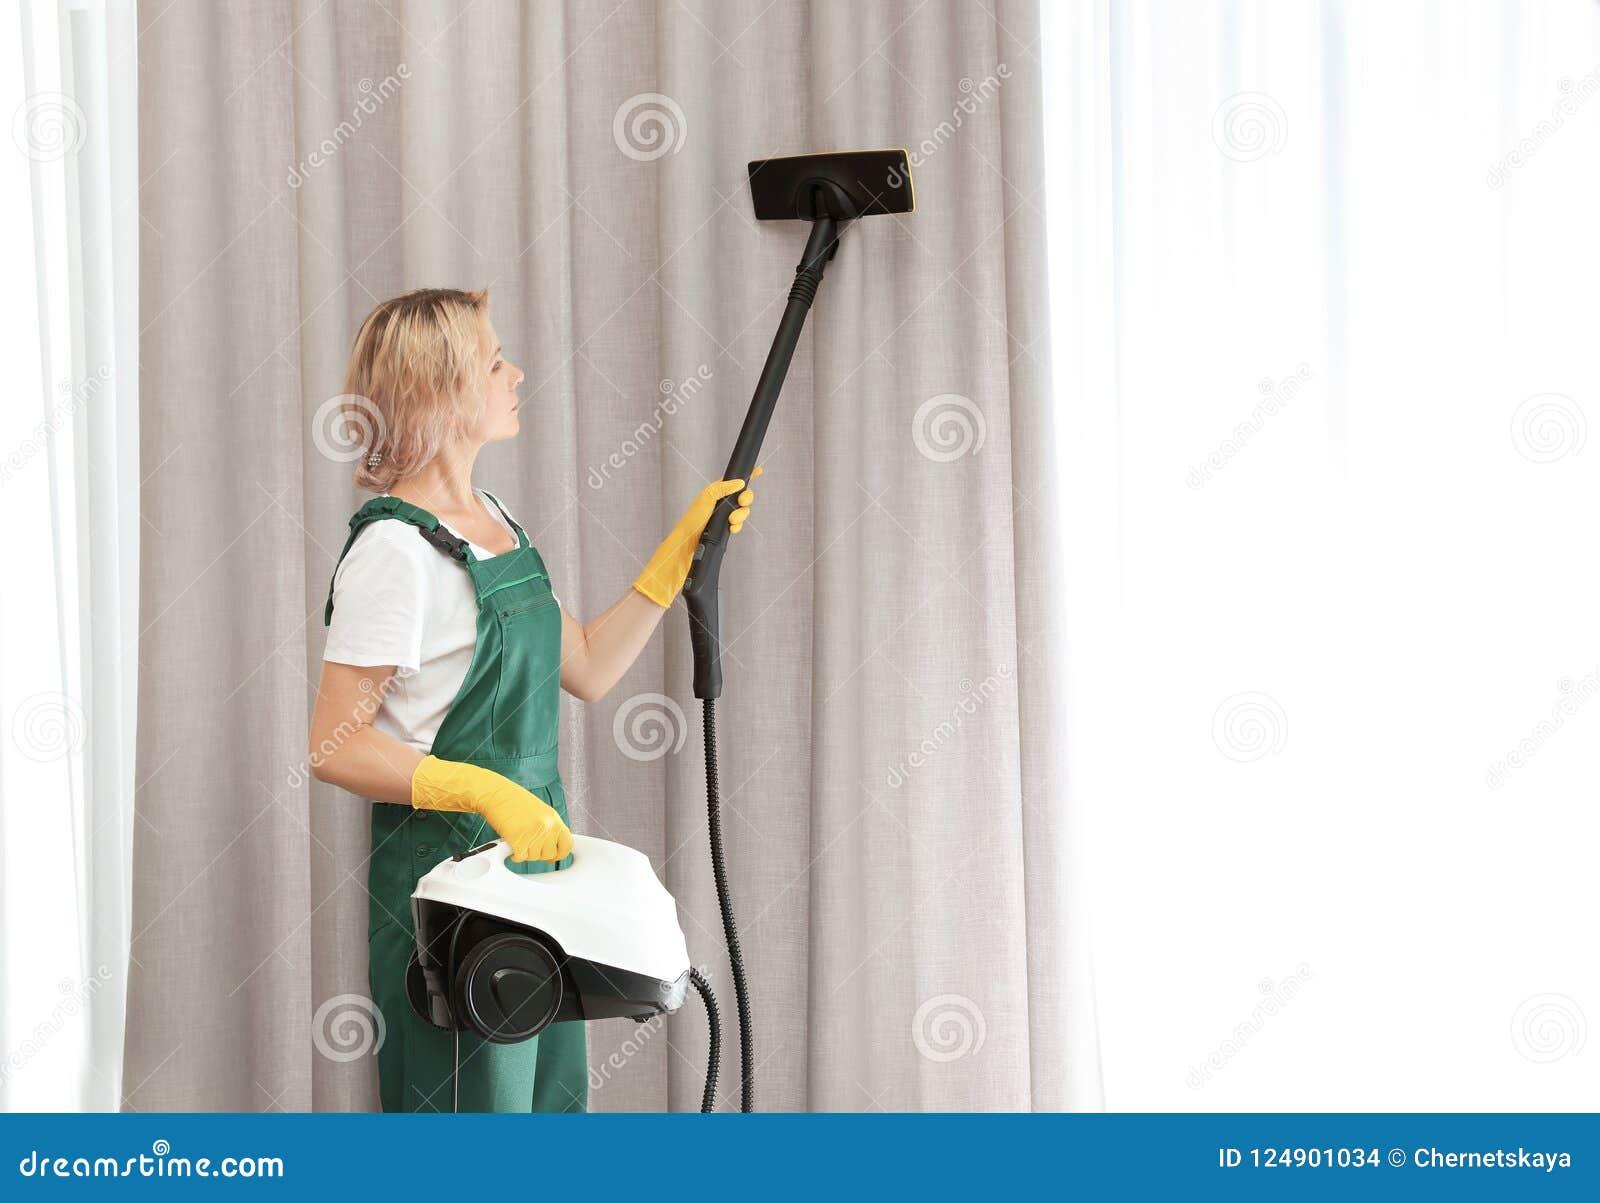 取消尘土的女性管理员从帷幕机智